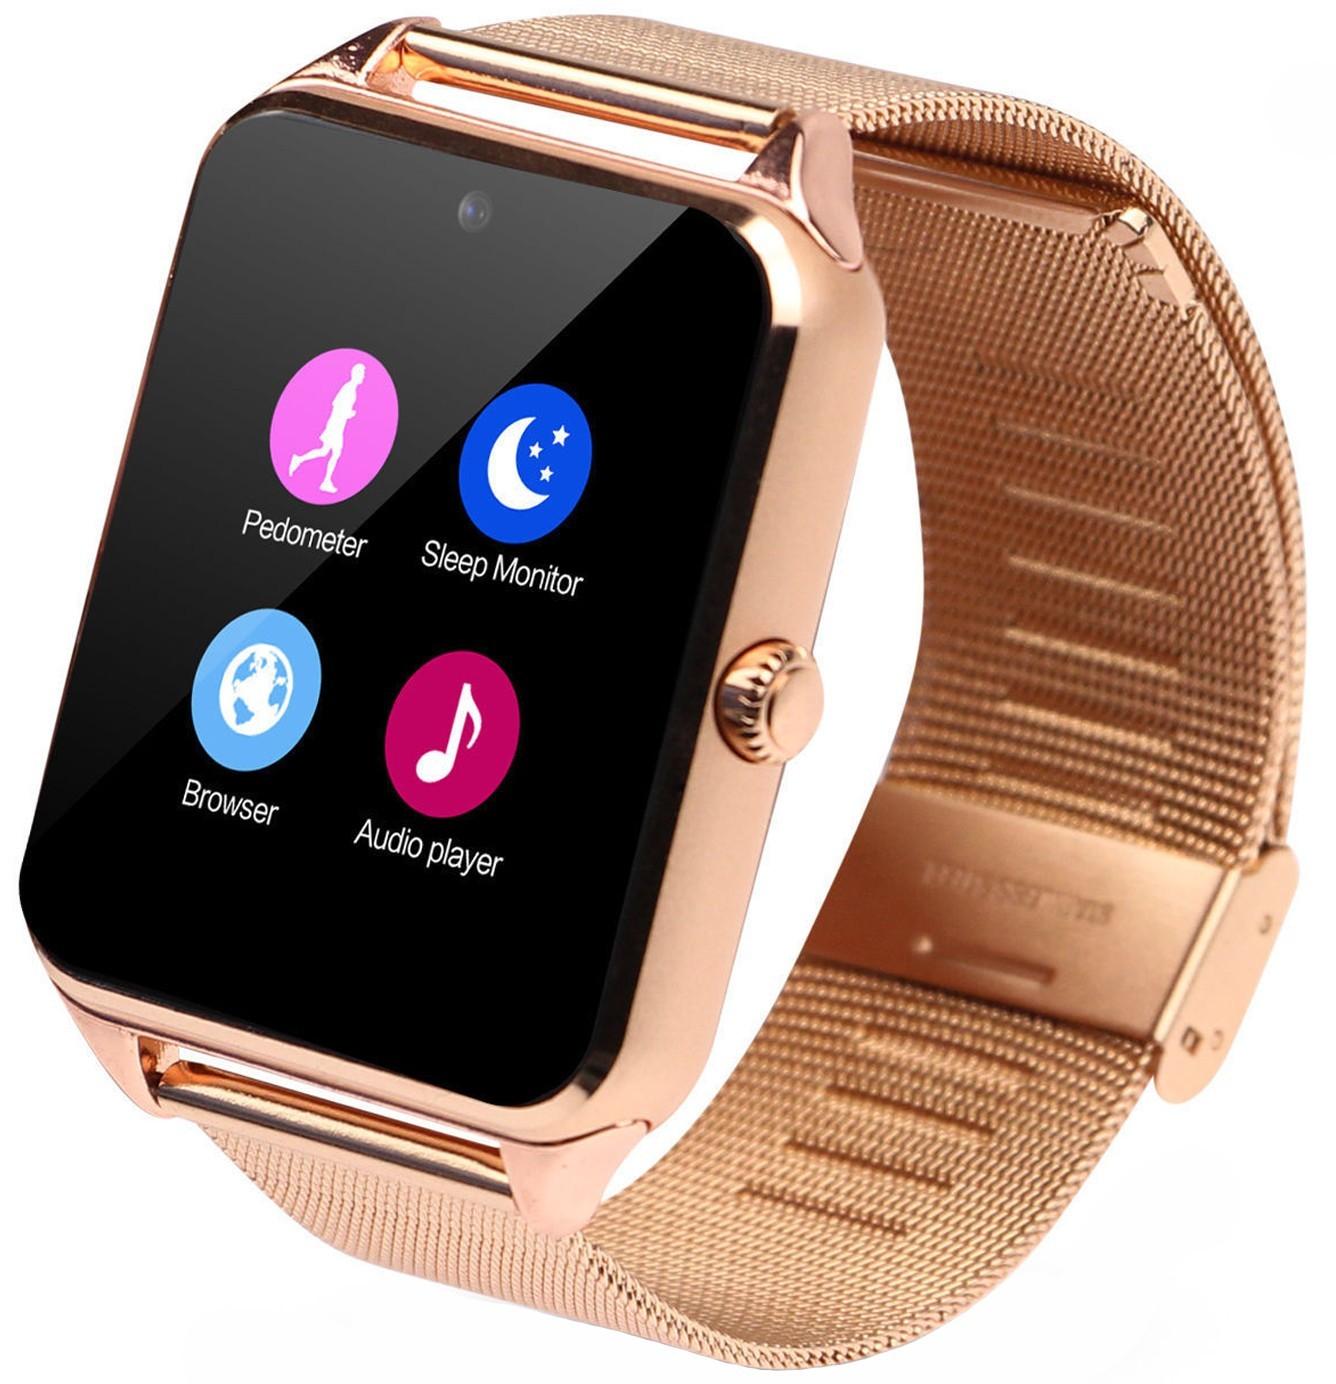 Ceas Smartwatch cu Telefon iUni GT08s Plus, Curea Metalica, Touchscreen, BT, Camera, Notificari, Gold